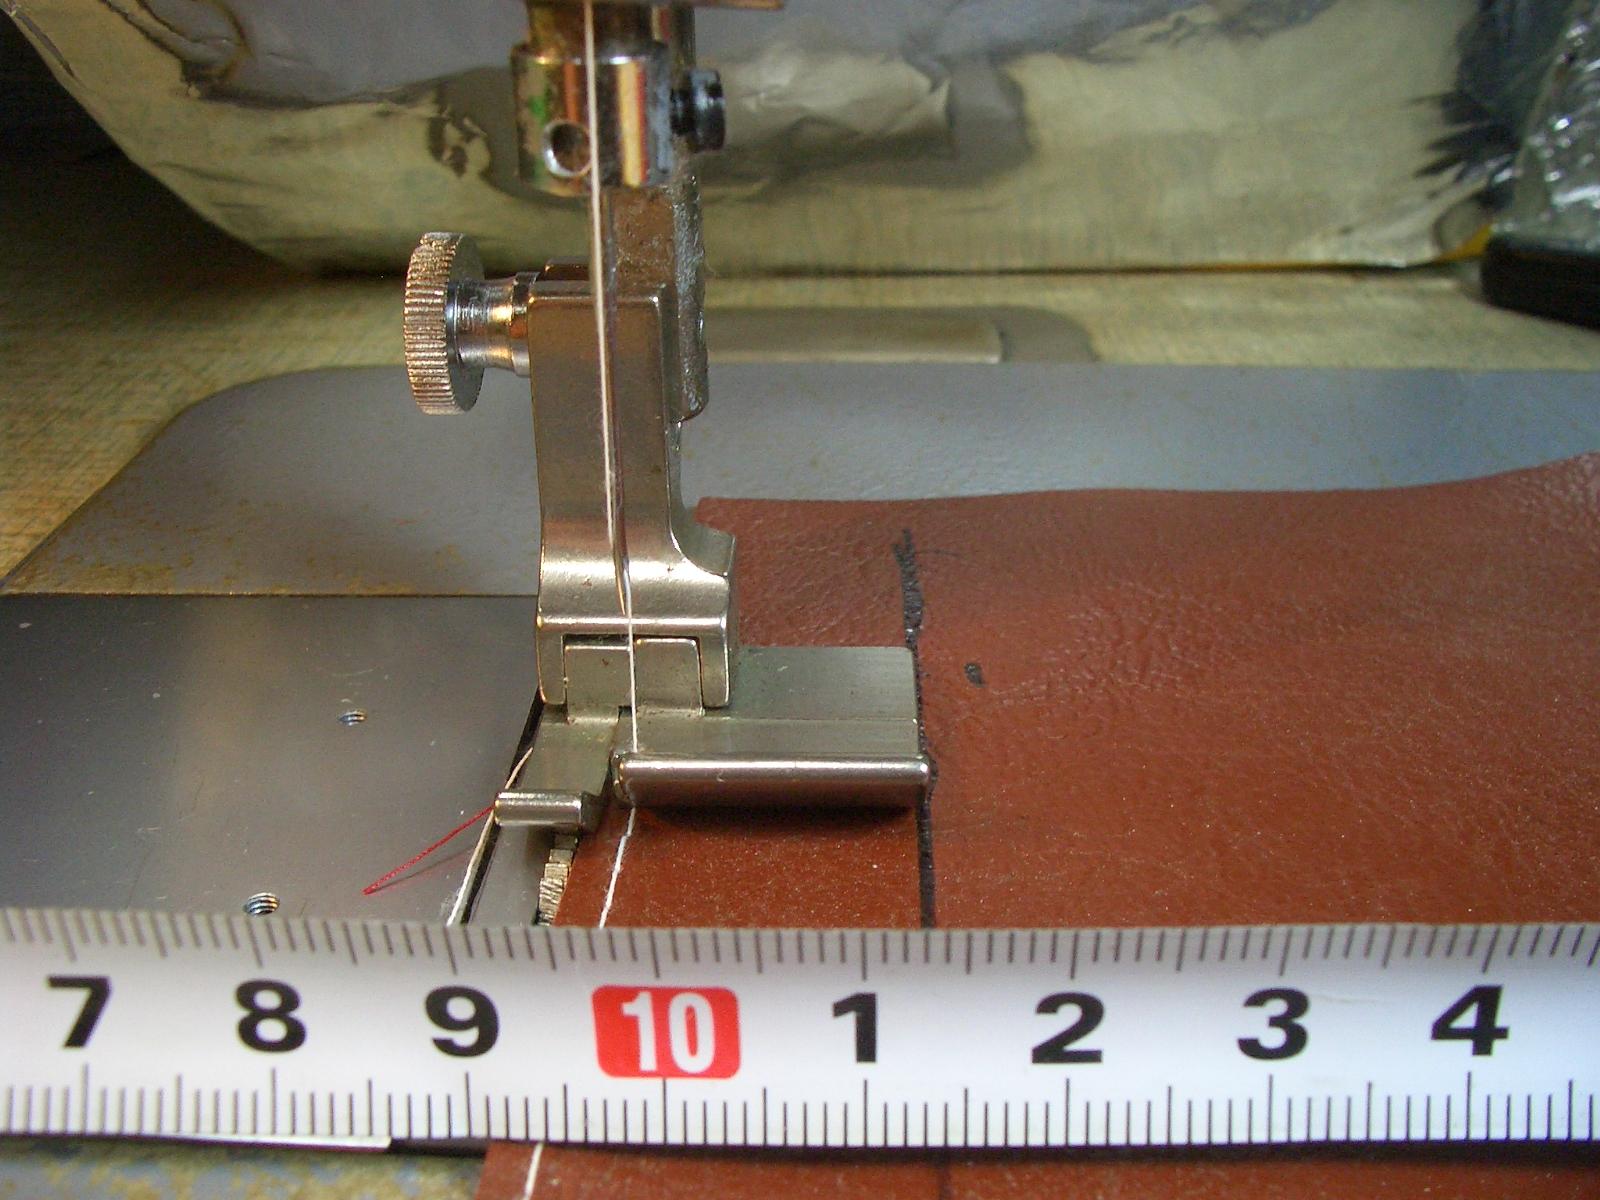 新品 スイセイ 商い 段付きホルダーヘマー用 19mm 自由押さえ金 CHW 海外輸入